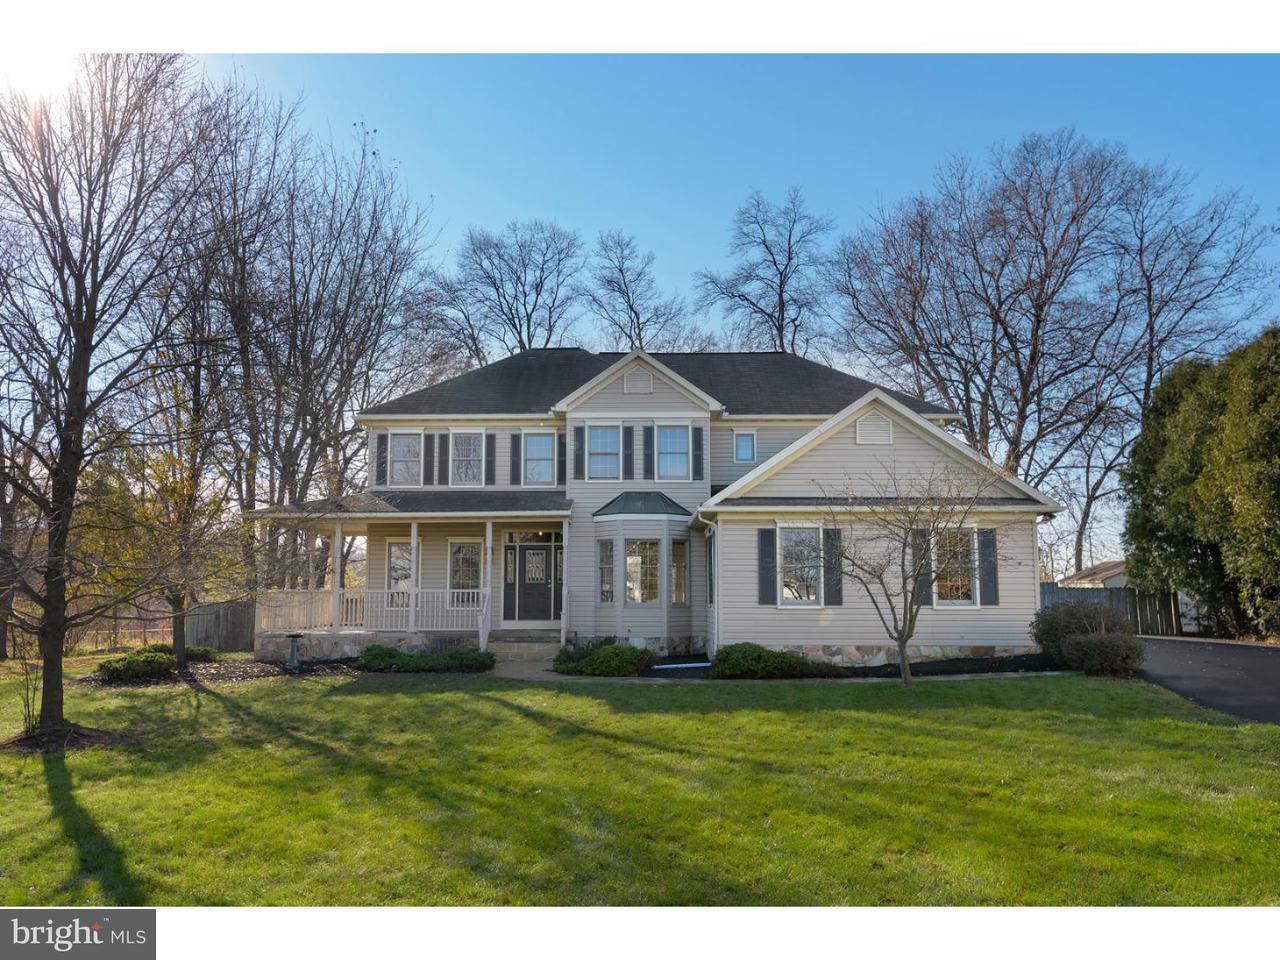 独户住宅 为 销售 在 374 W WALNUT TREE Drive Blandon, 宾夕法尼亚州 19510 美国